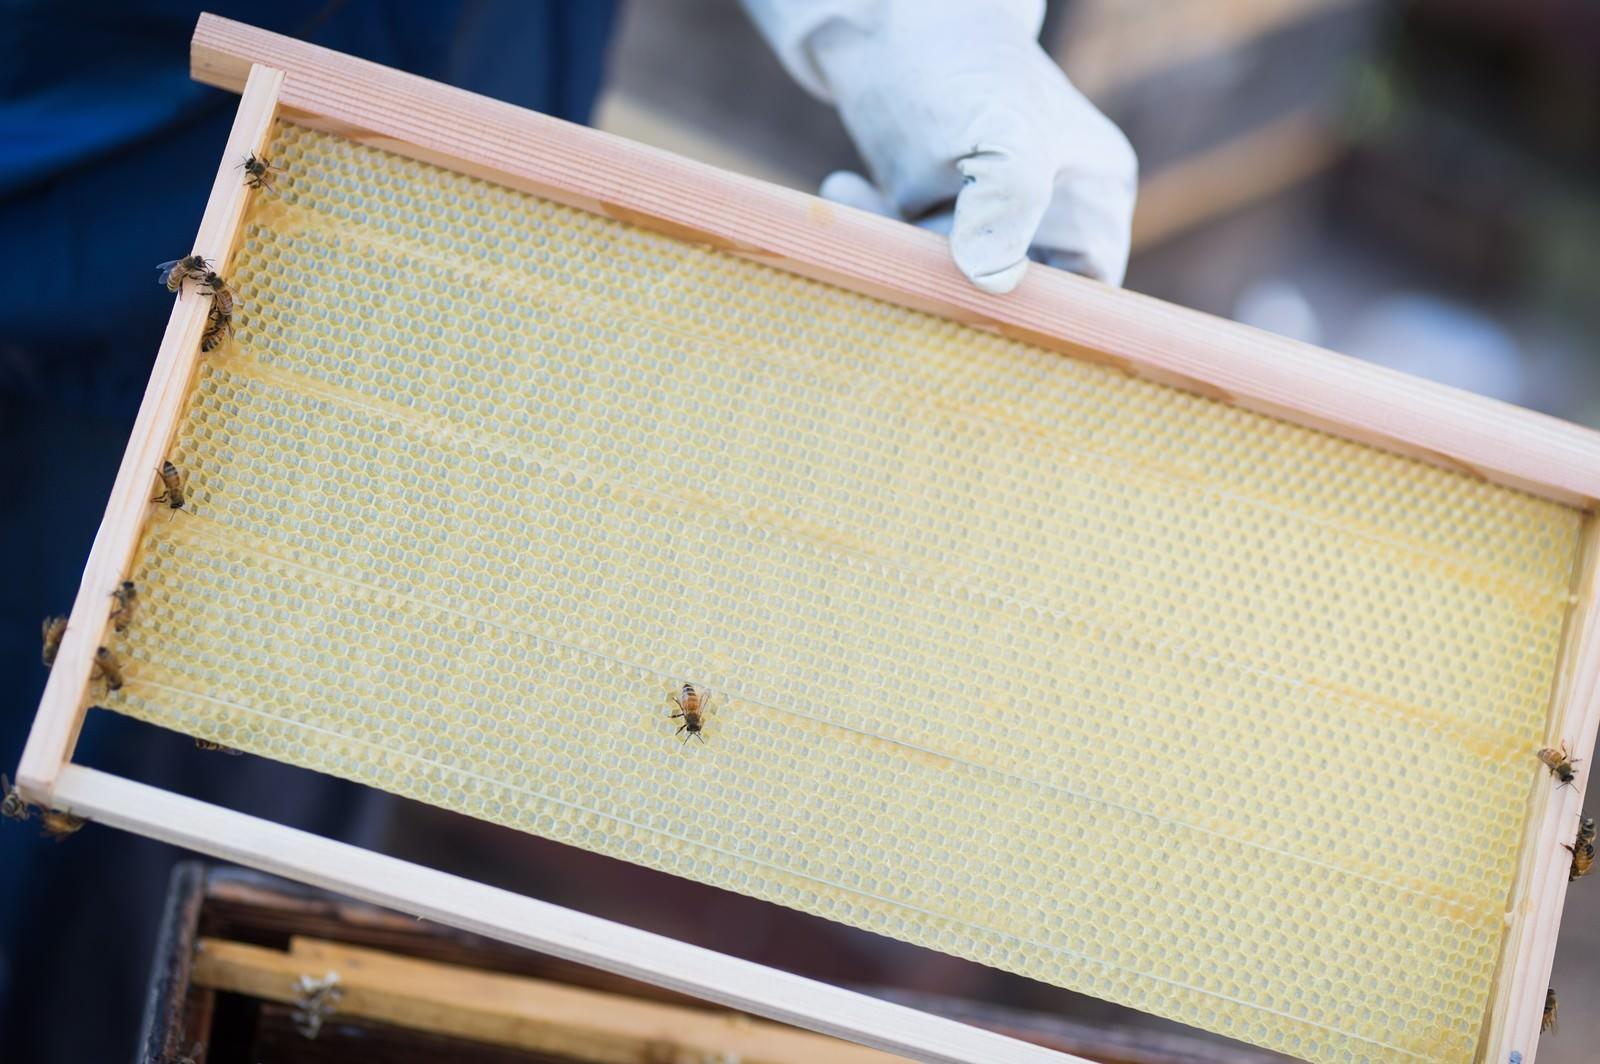 「新しい養蜂用の蜜板」の写真